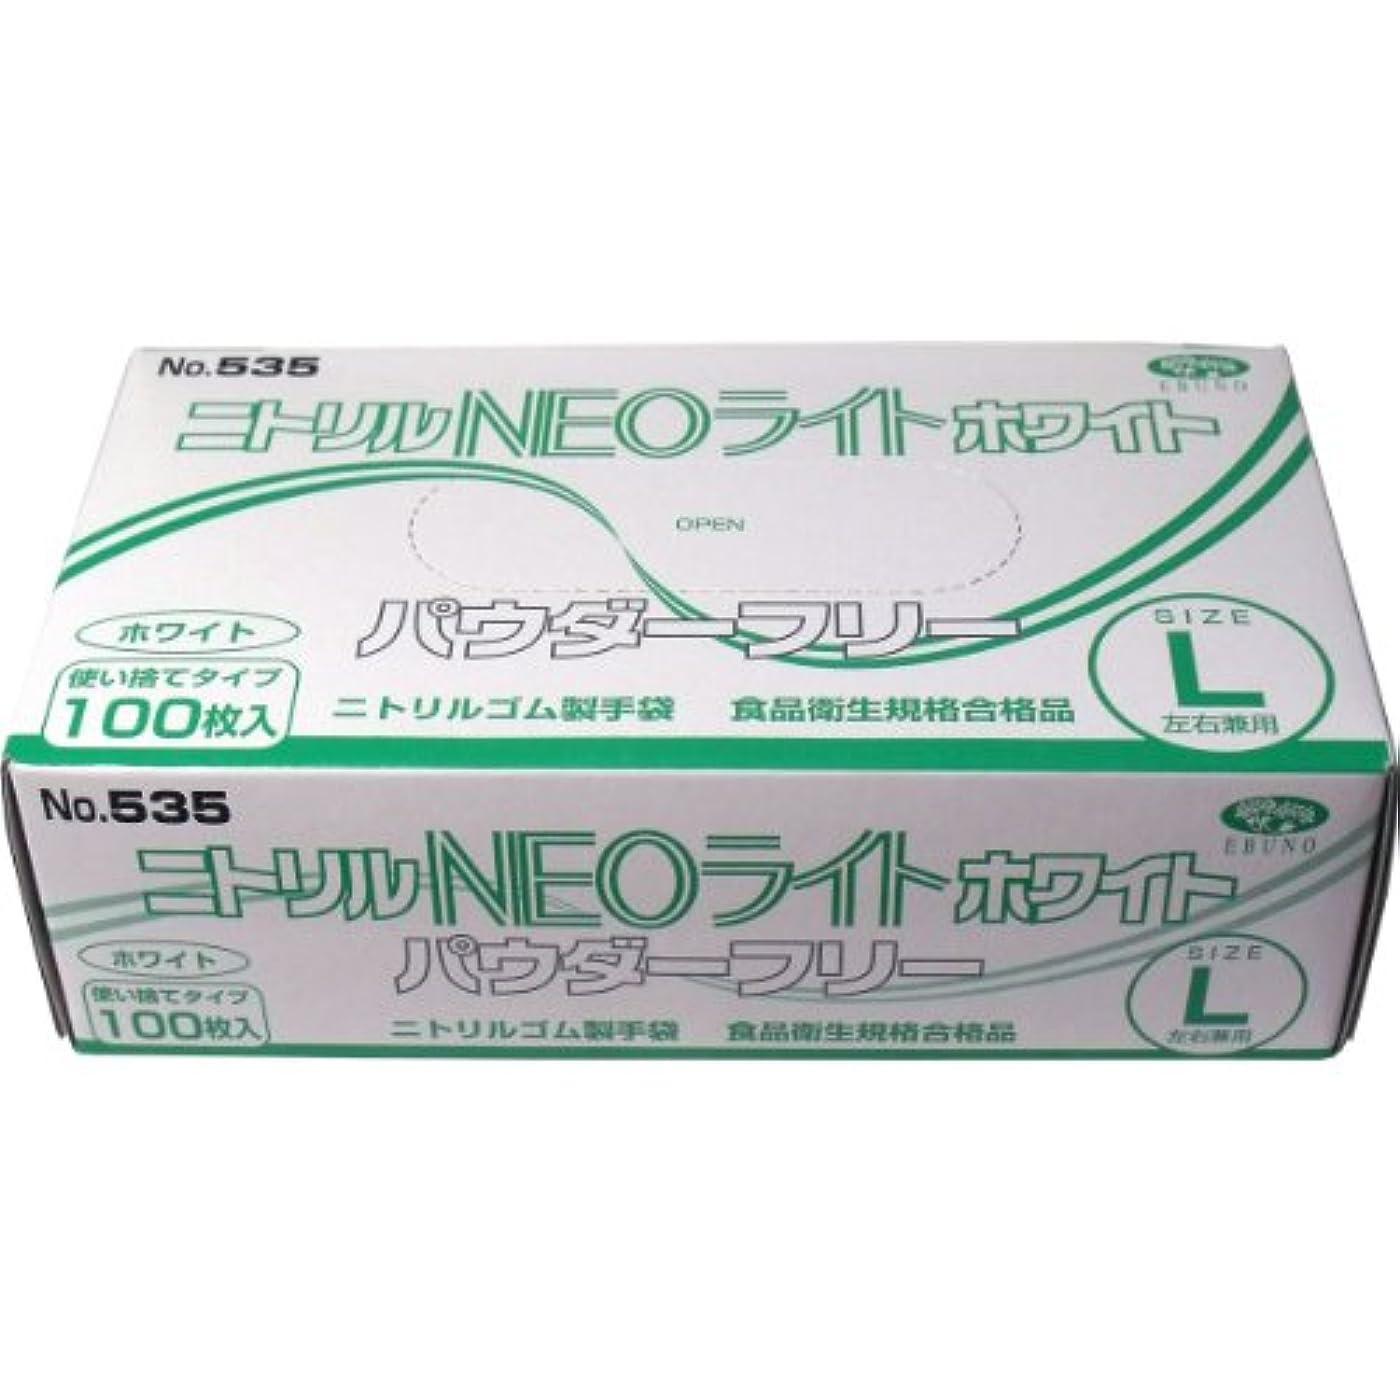 スロープすばらしいです養うエブノ No.535 ニトリル手袋 ネオライト パウダーフリー ホワイト Lサイズ 100枚入